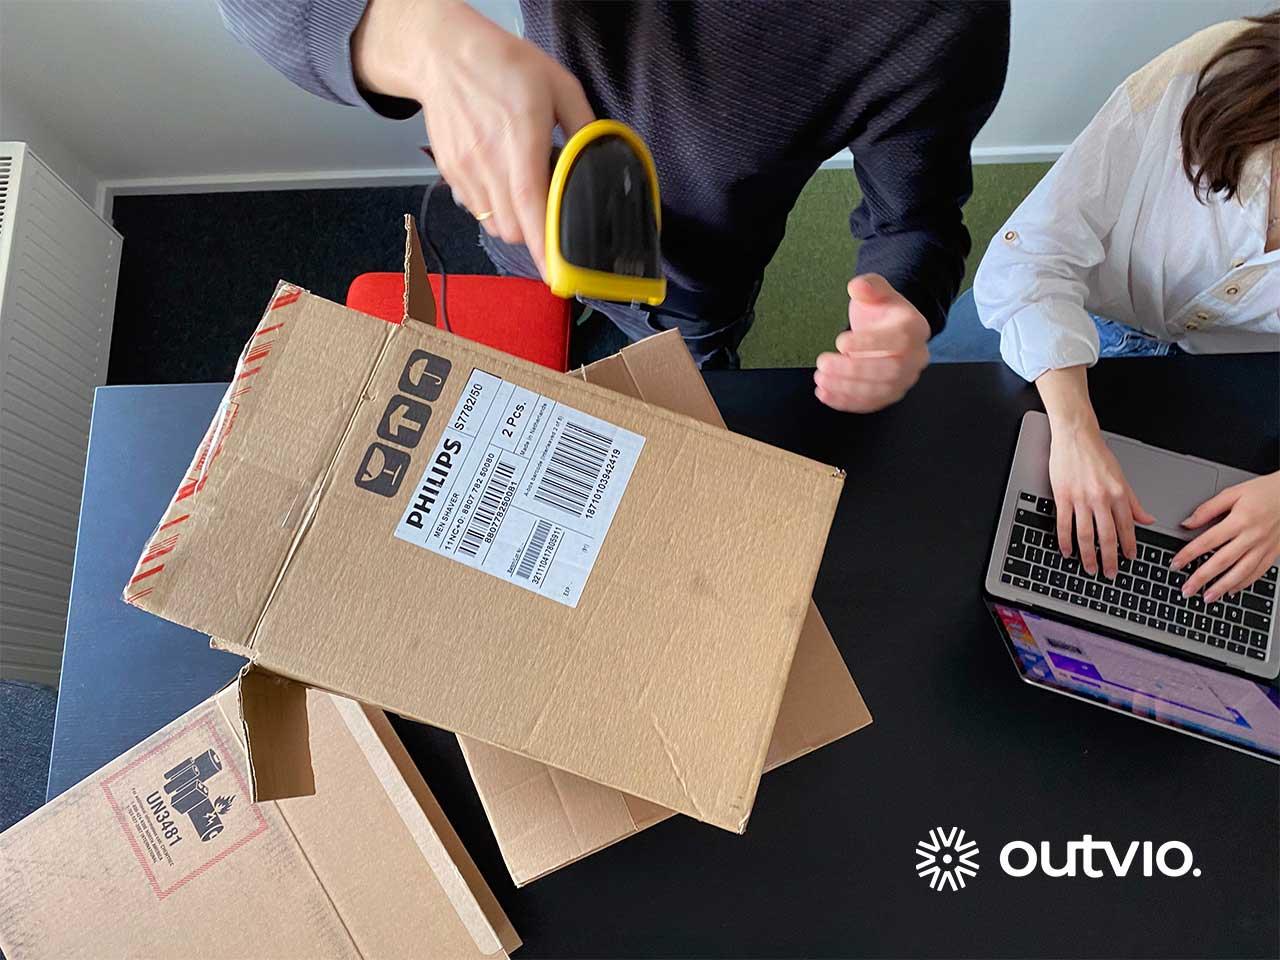 Operario escanea un paquete para enviarlo con SEUR.